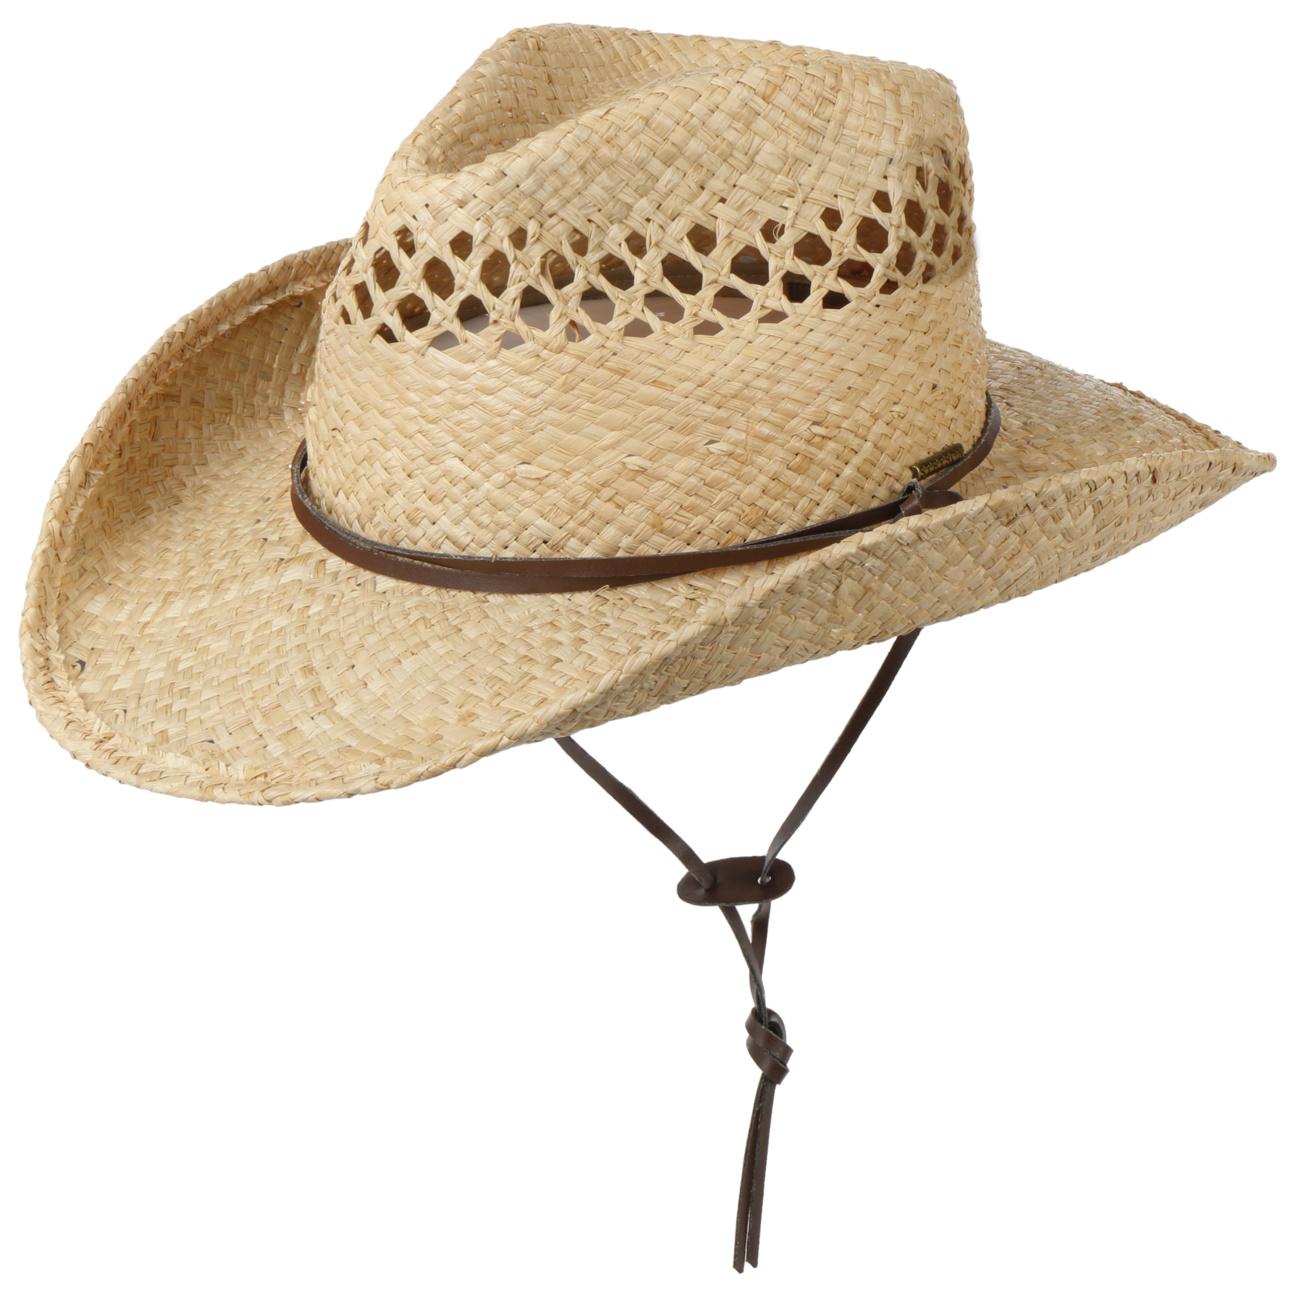 Sombrero Cowboy Rafia Larimore by Stetson - natural 1 2e660909885